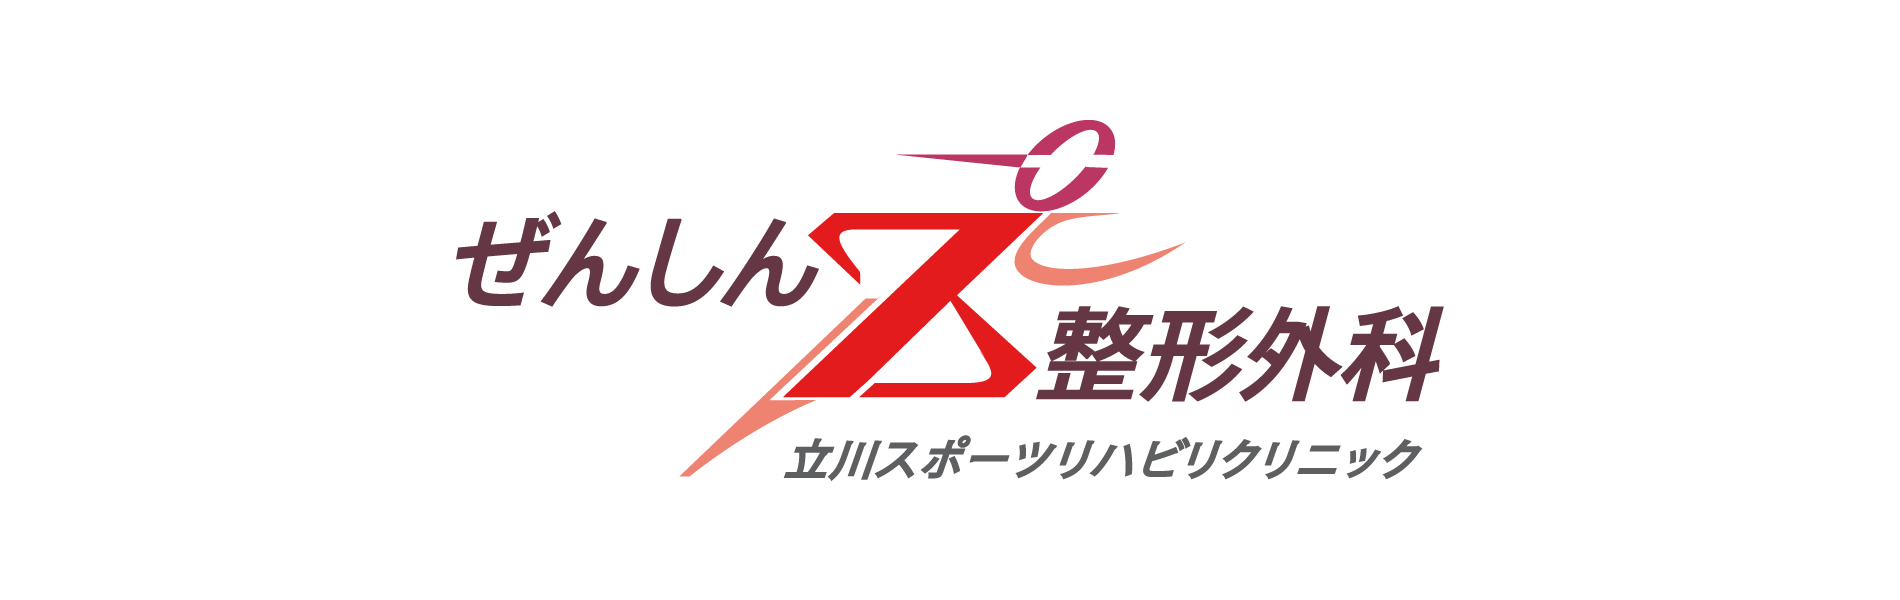 http://zenshin-seikei.com/